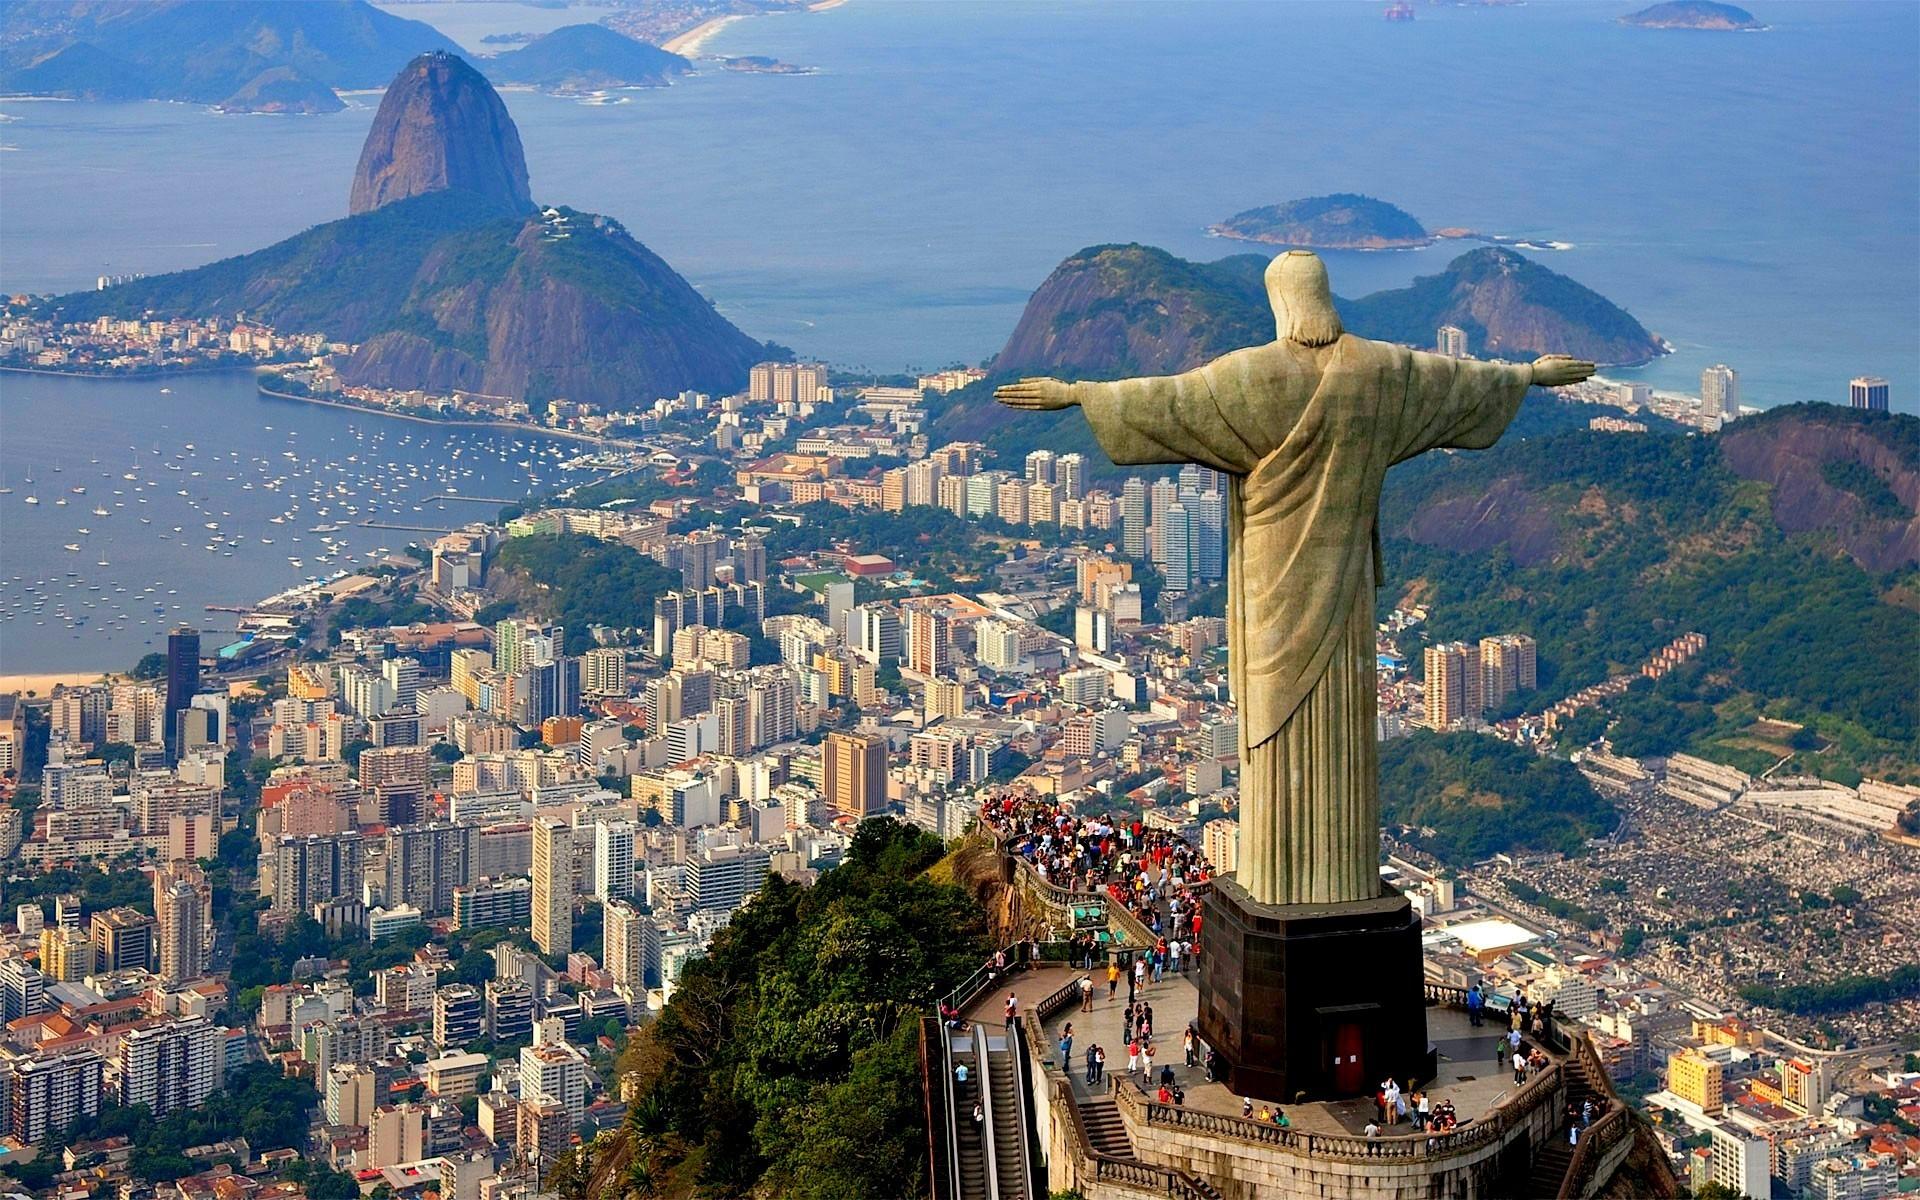 обои на рабочий стол бразилия hd № 648262  скачать